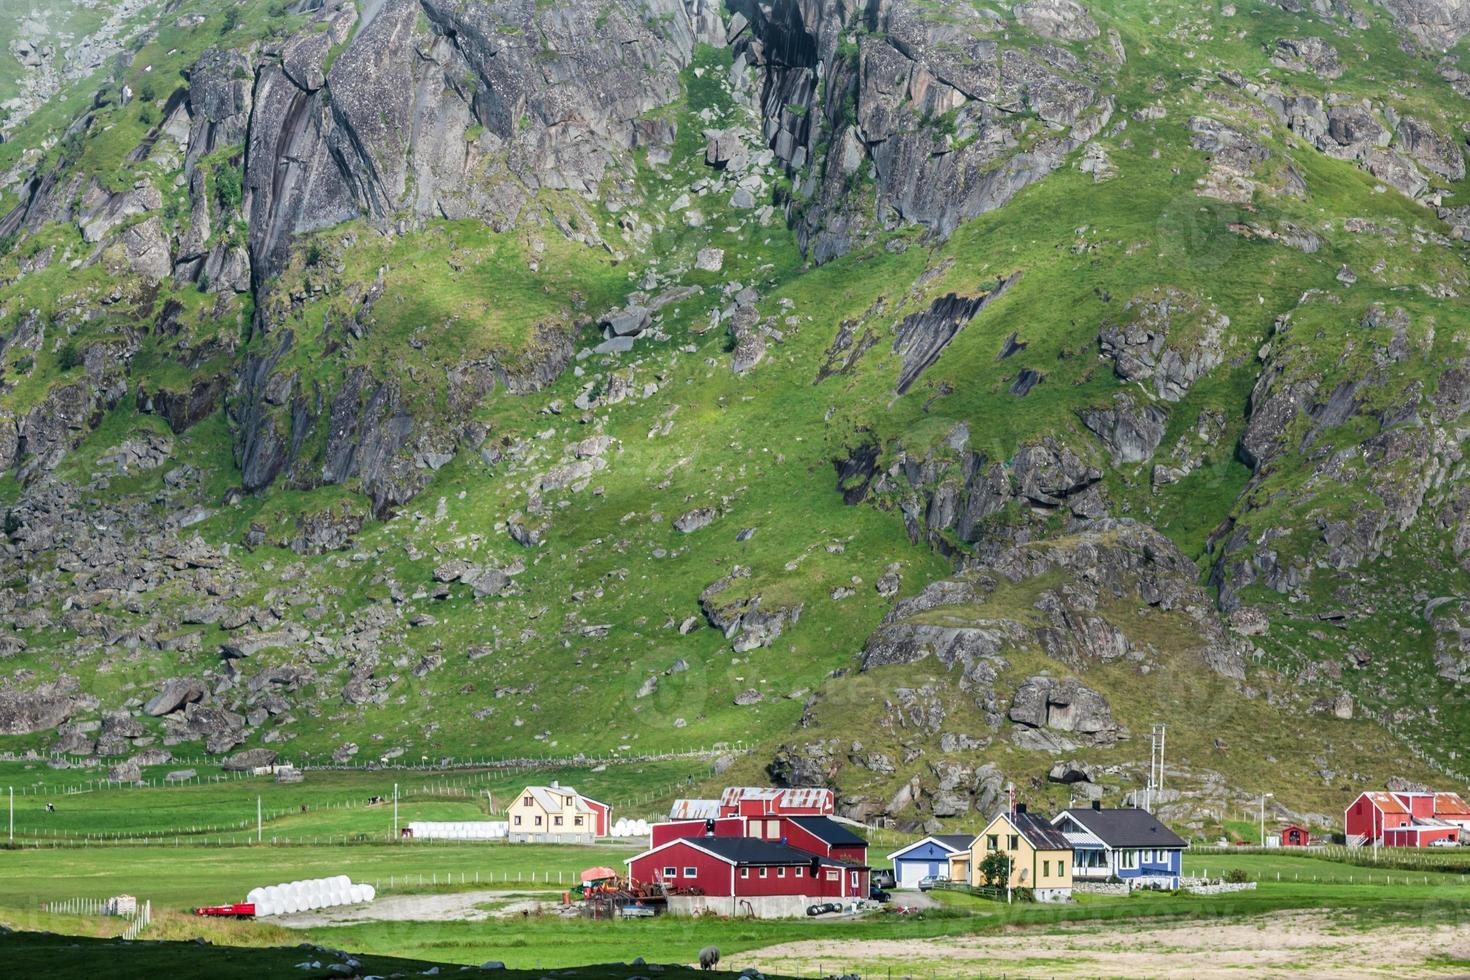 tradizionali case colorate norvegesi, isole lofoten, norvegia foto